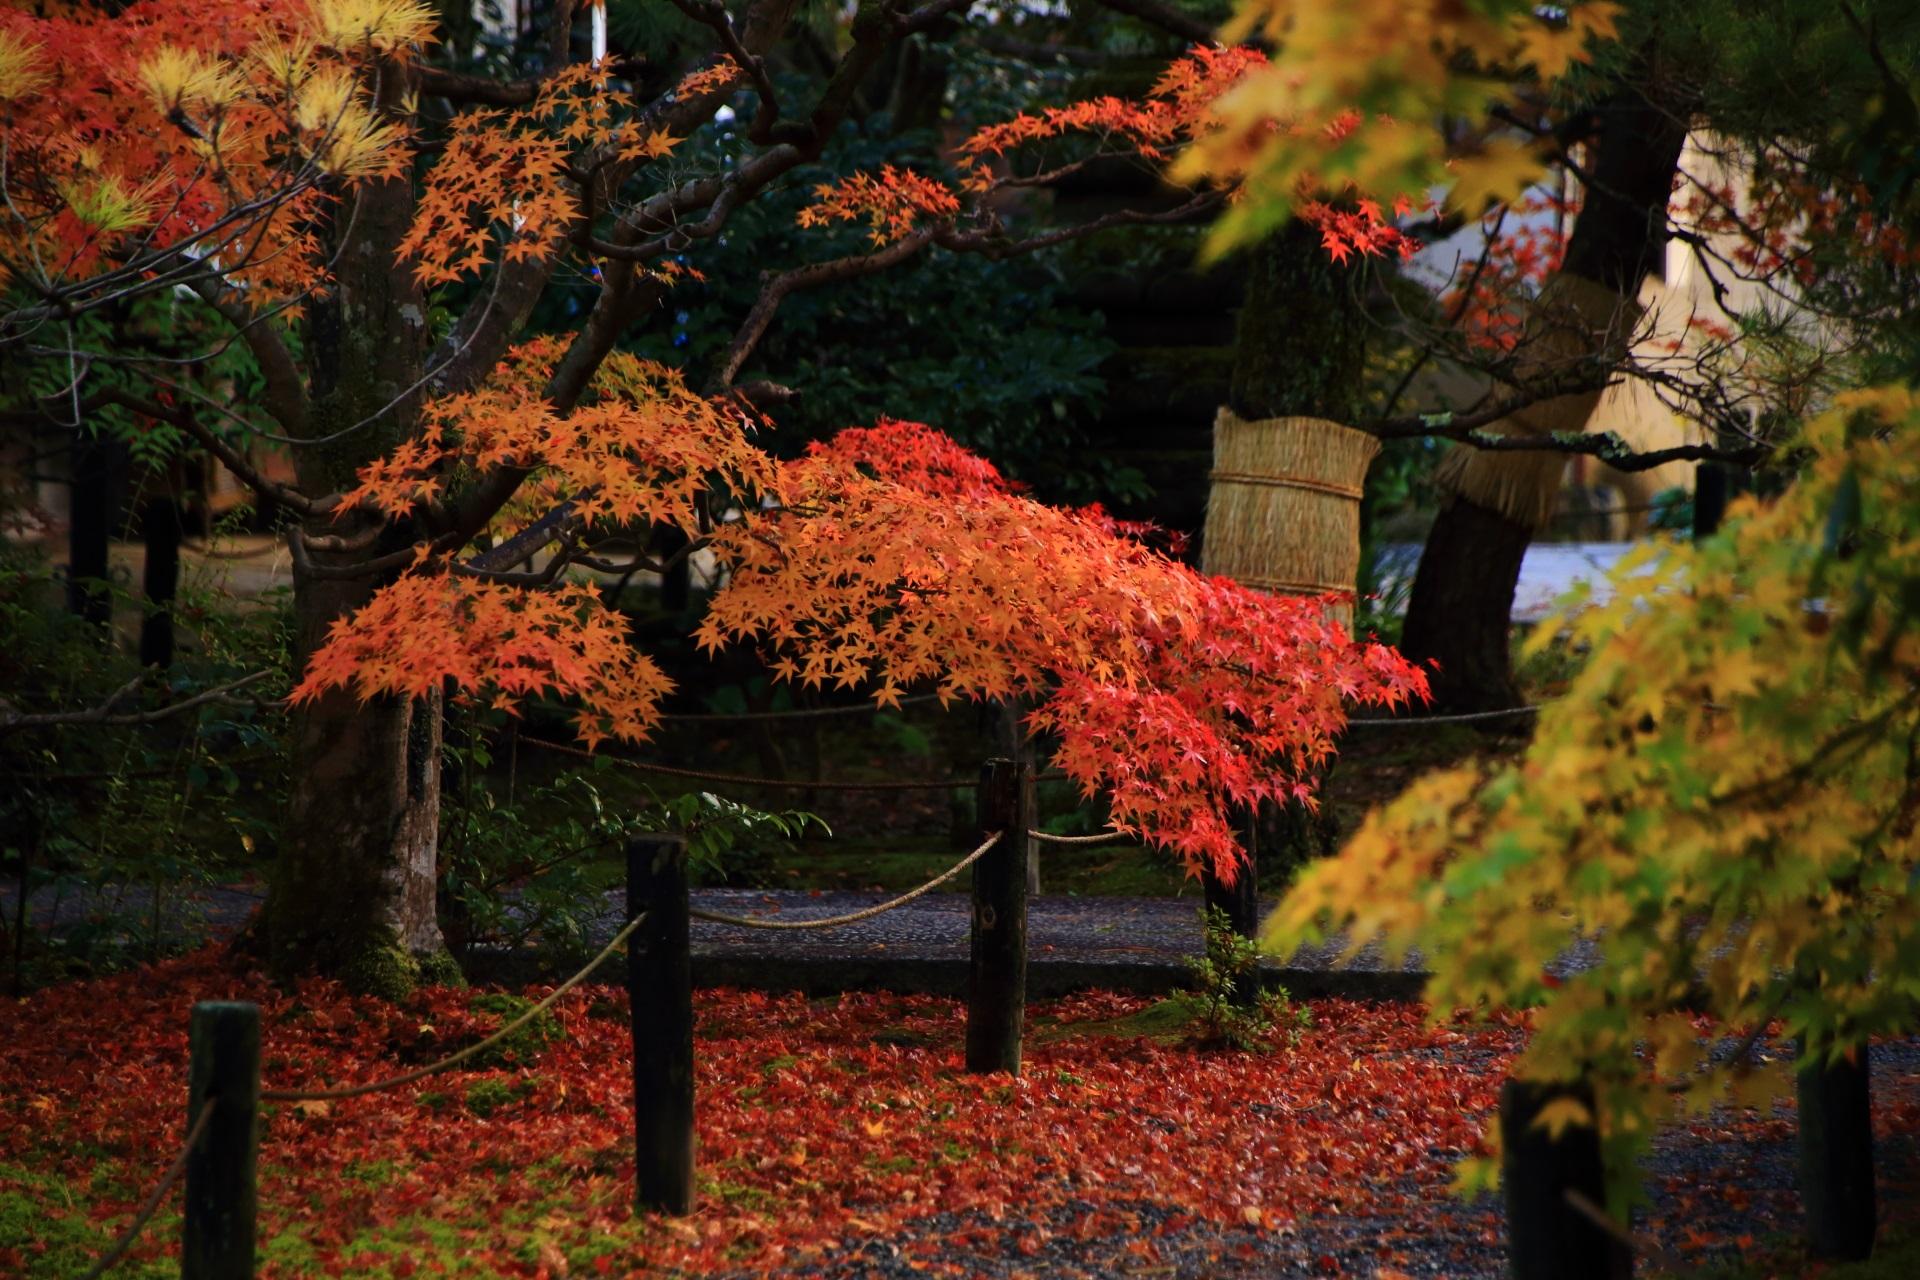 風情ある秋のひとコマと趣きある散紅葉